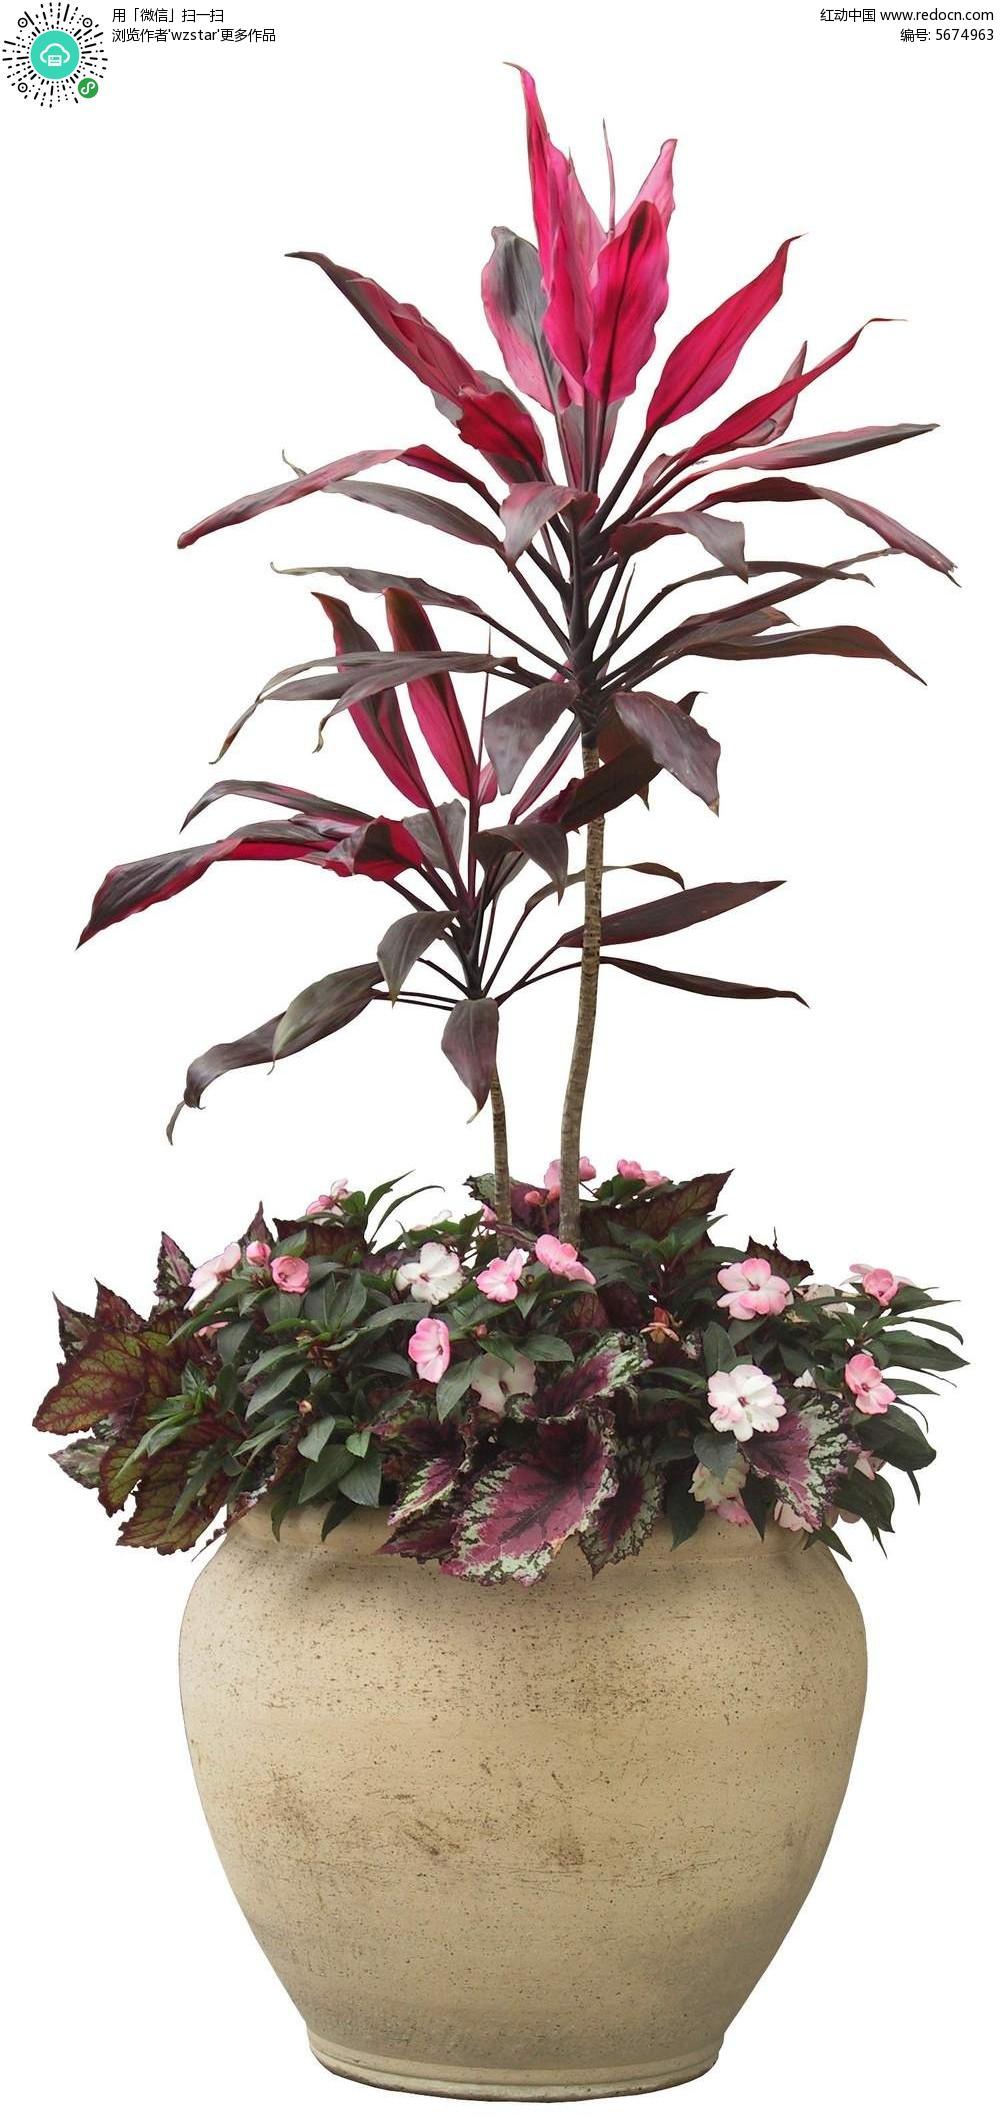 紫色叶植物盆栽psd素材